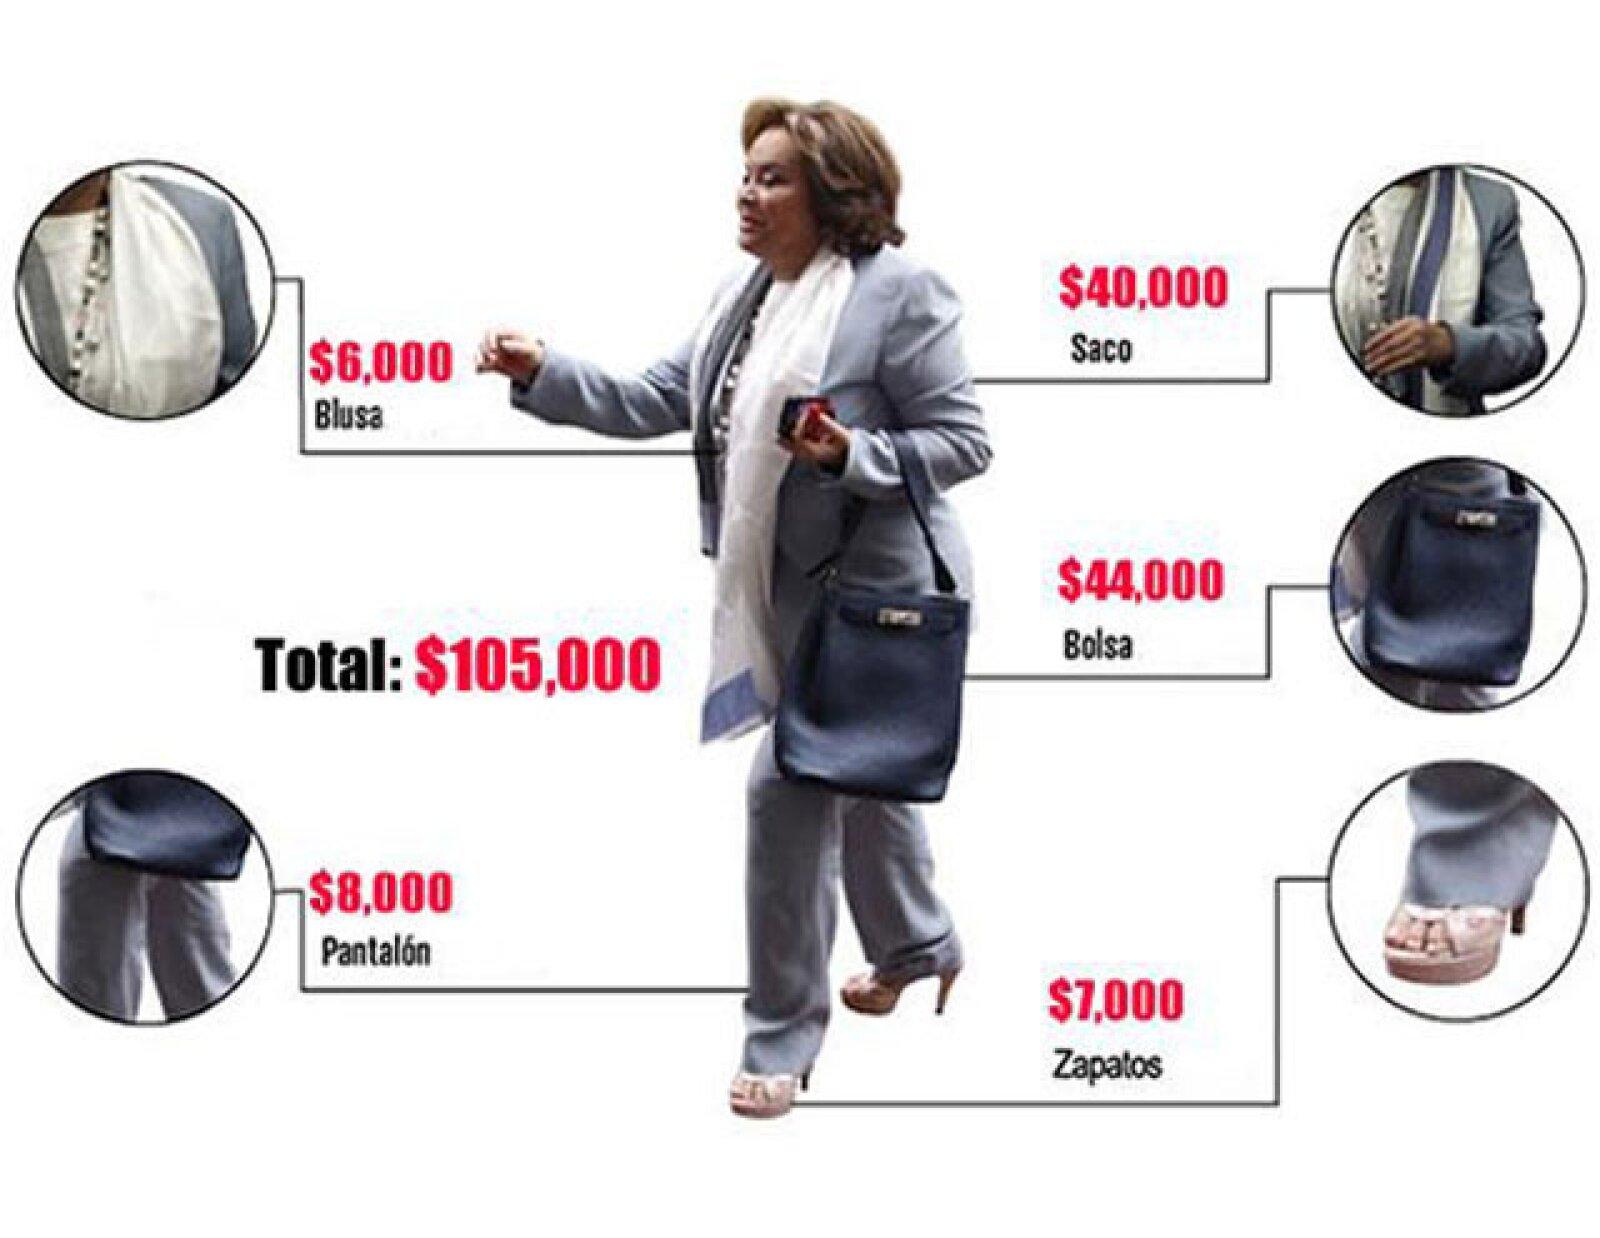 La reacción de ADNPolítico estimó que Elba Esther gastaba en un outfit diario poco más de 100 mil pesos.